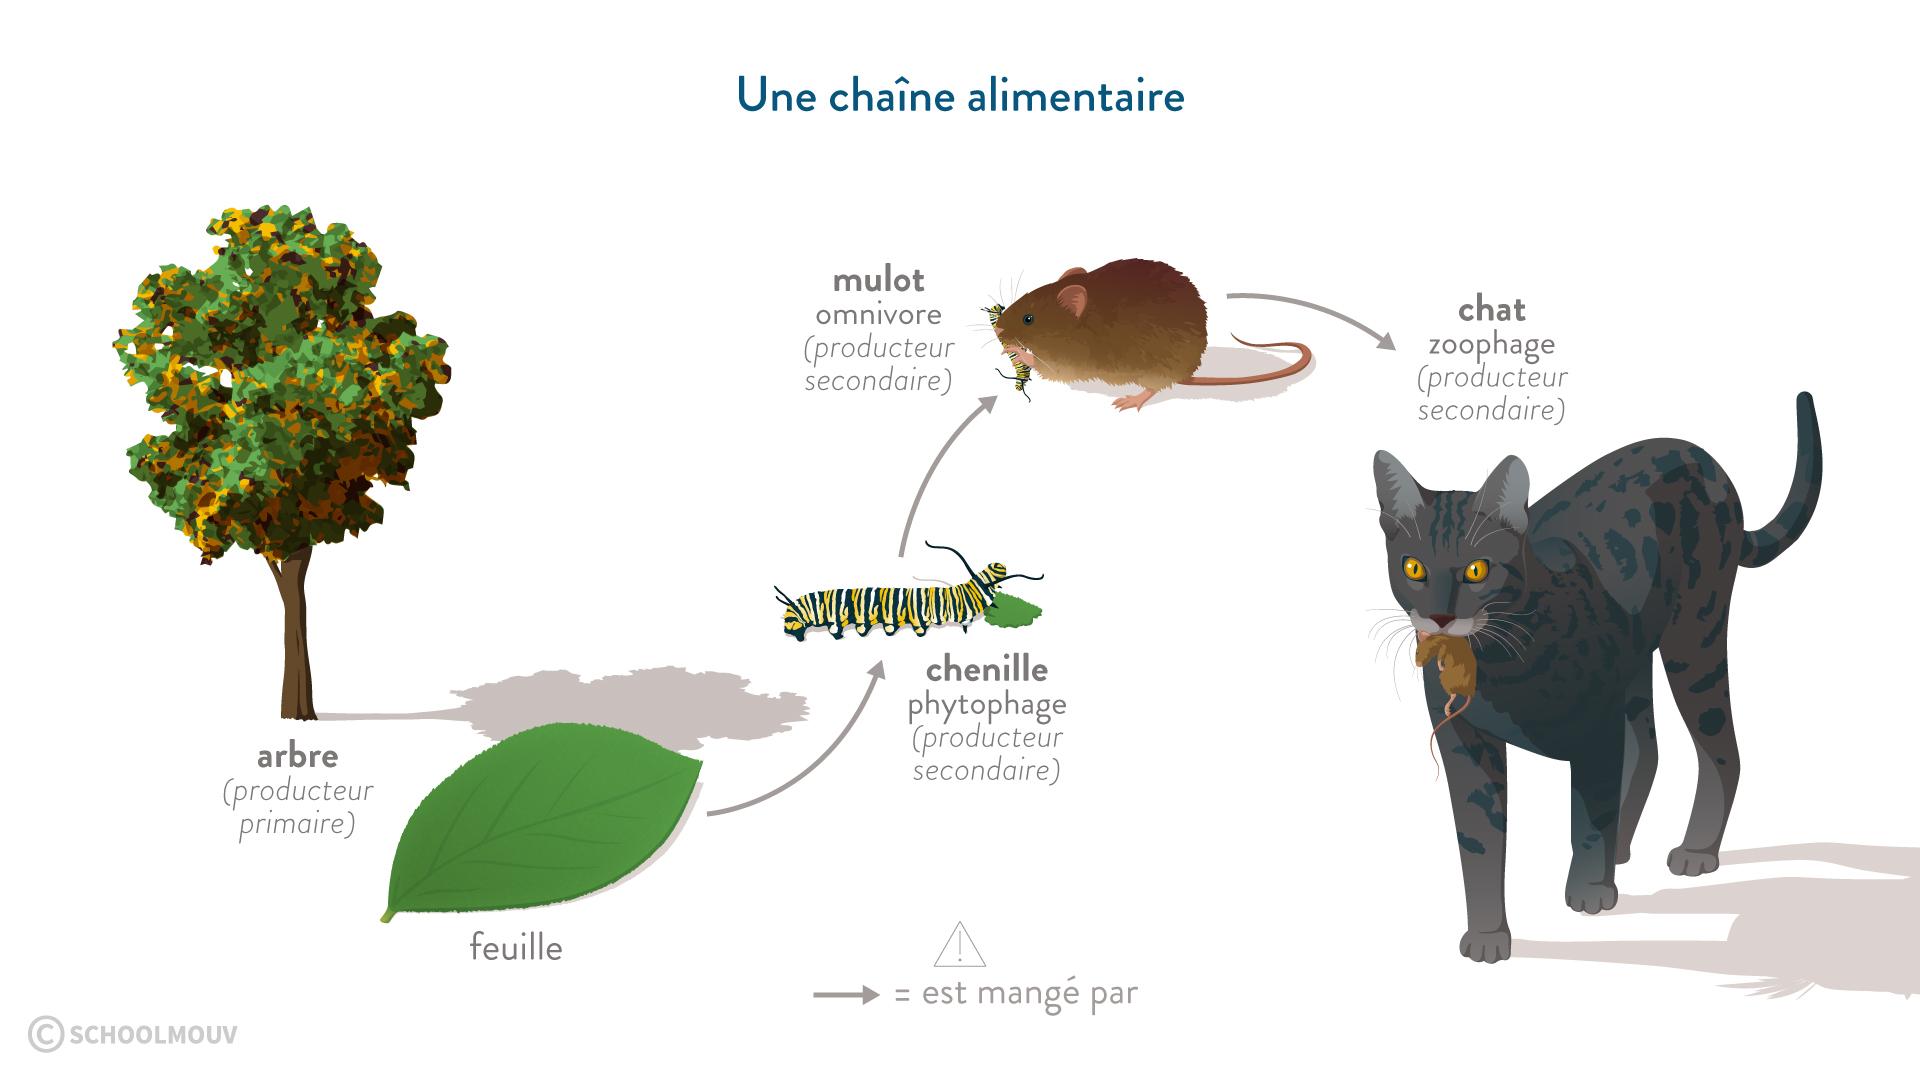 SVT sixième chaîne alimentaire arbre feuille chenille mulot chat